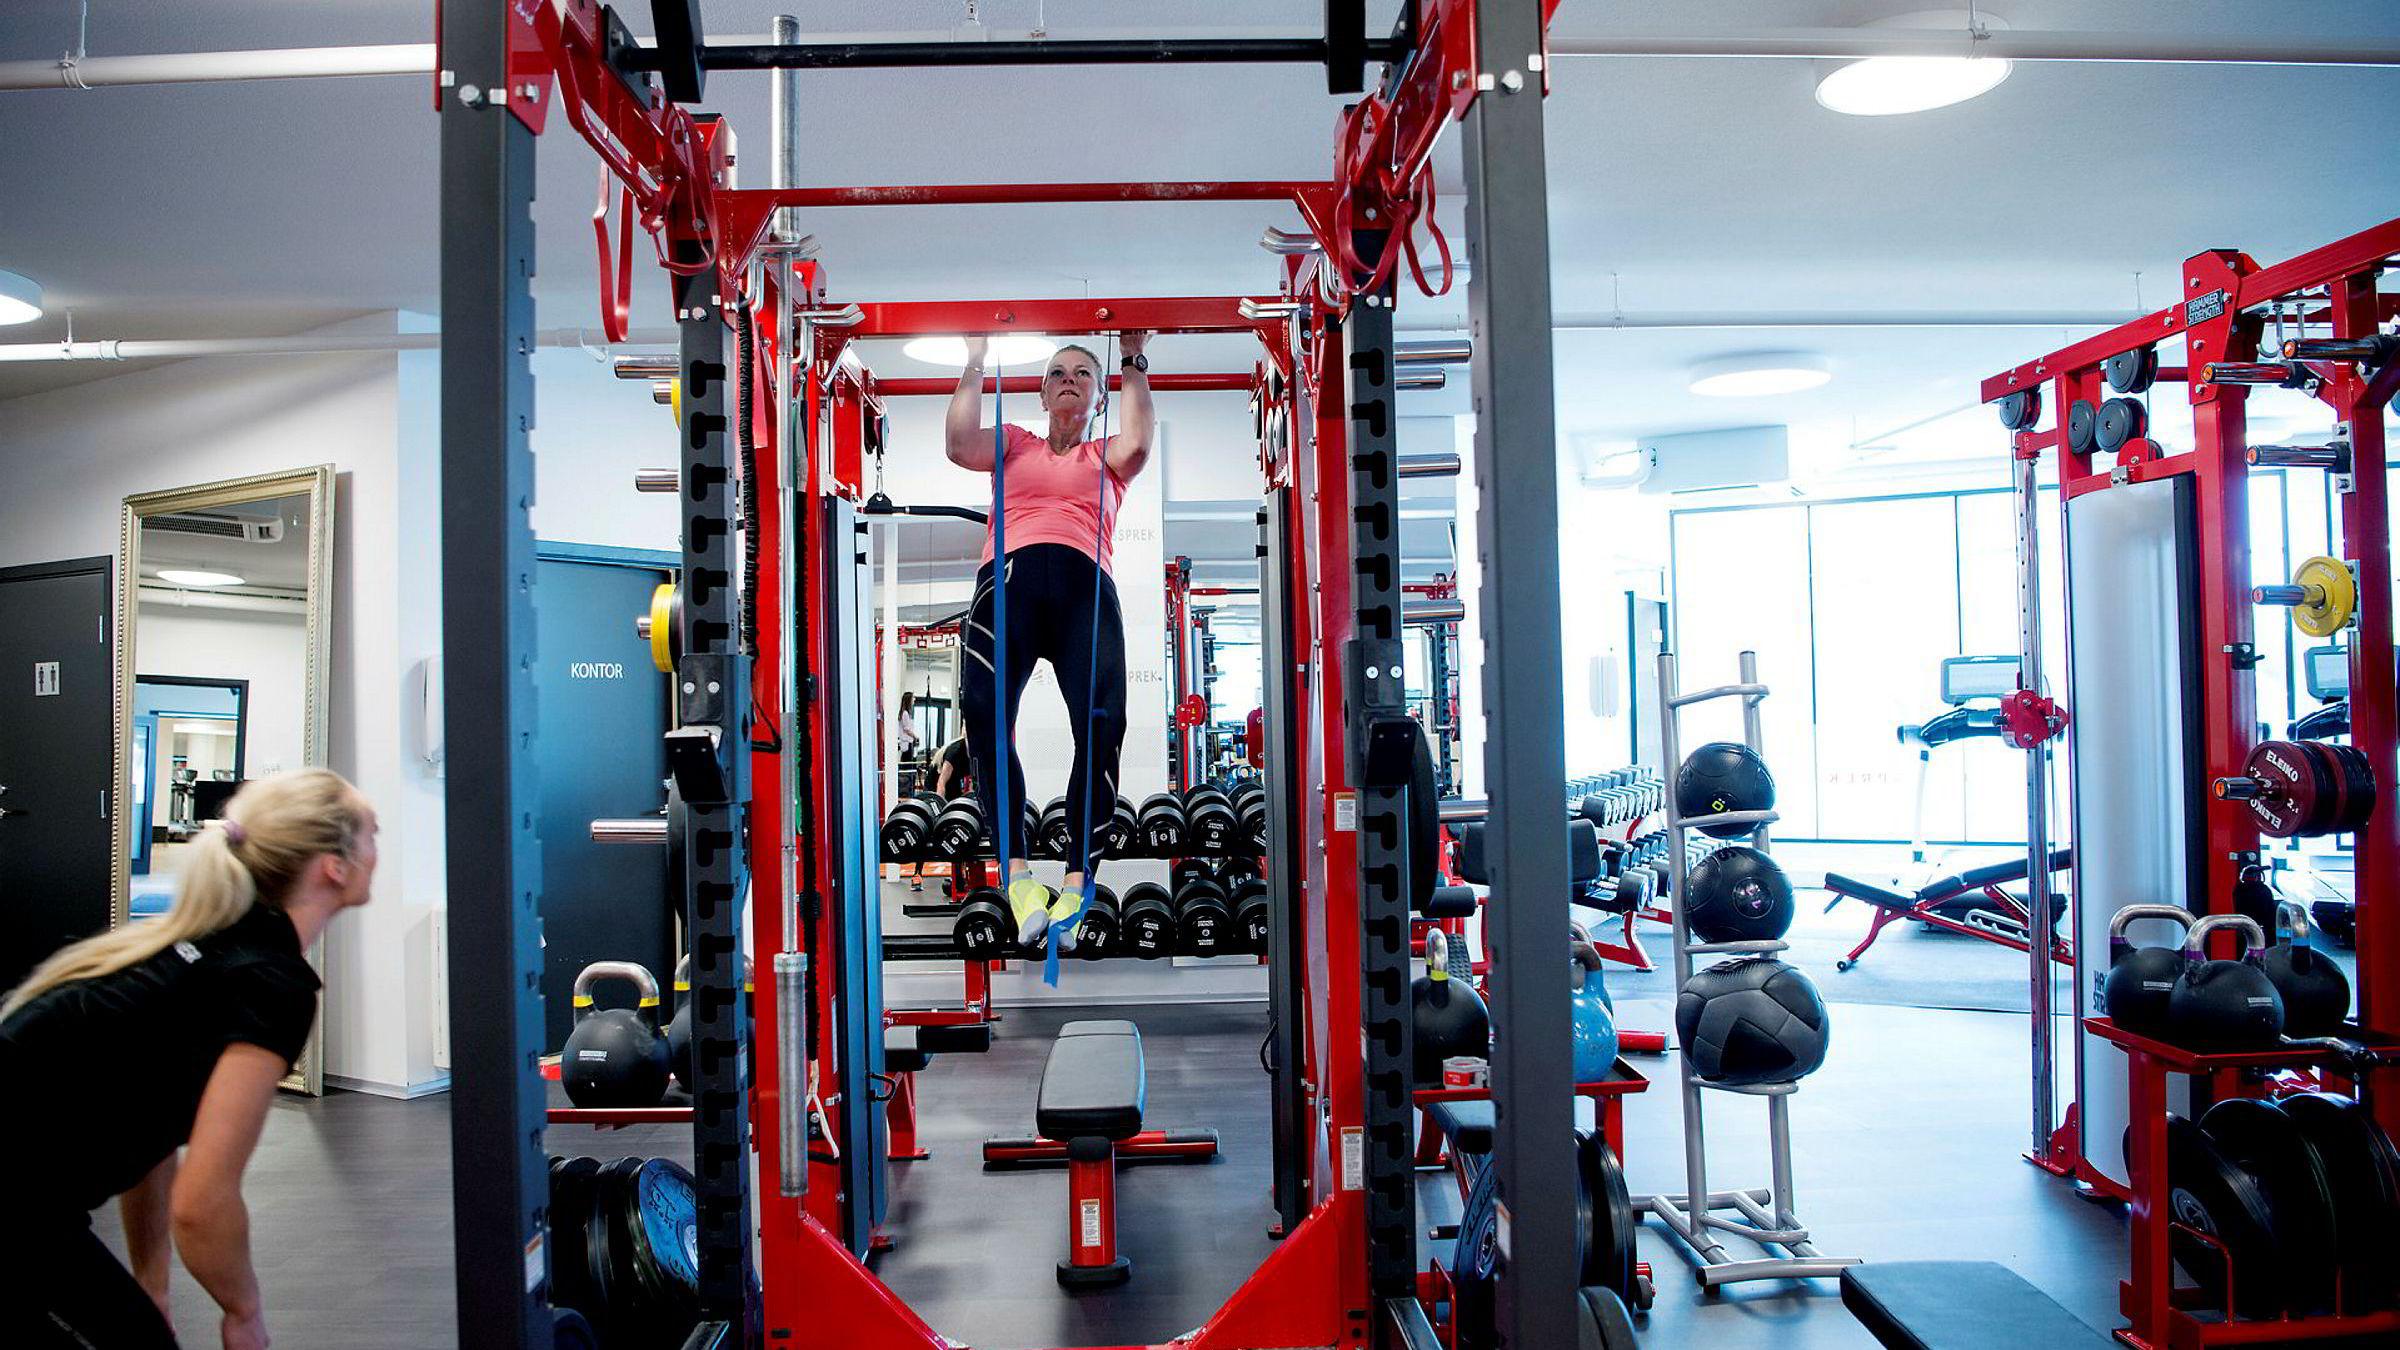 Nest etter raske gåturer er styrketrening nå den mest utbredte treningsaktiviteten, ifølge SSBs levekårsundersøkelse. Foto: Mikaela Berg